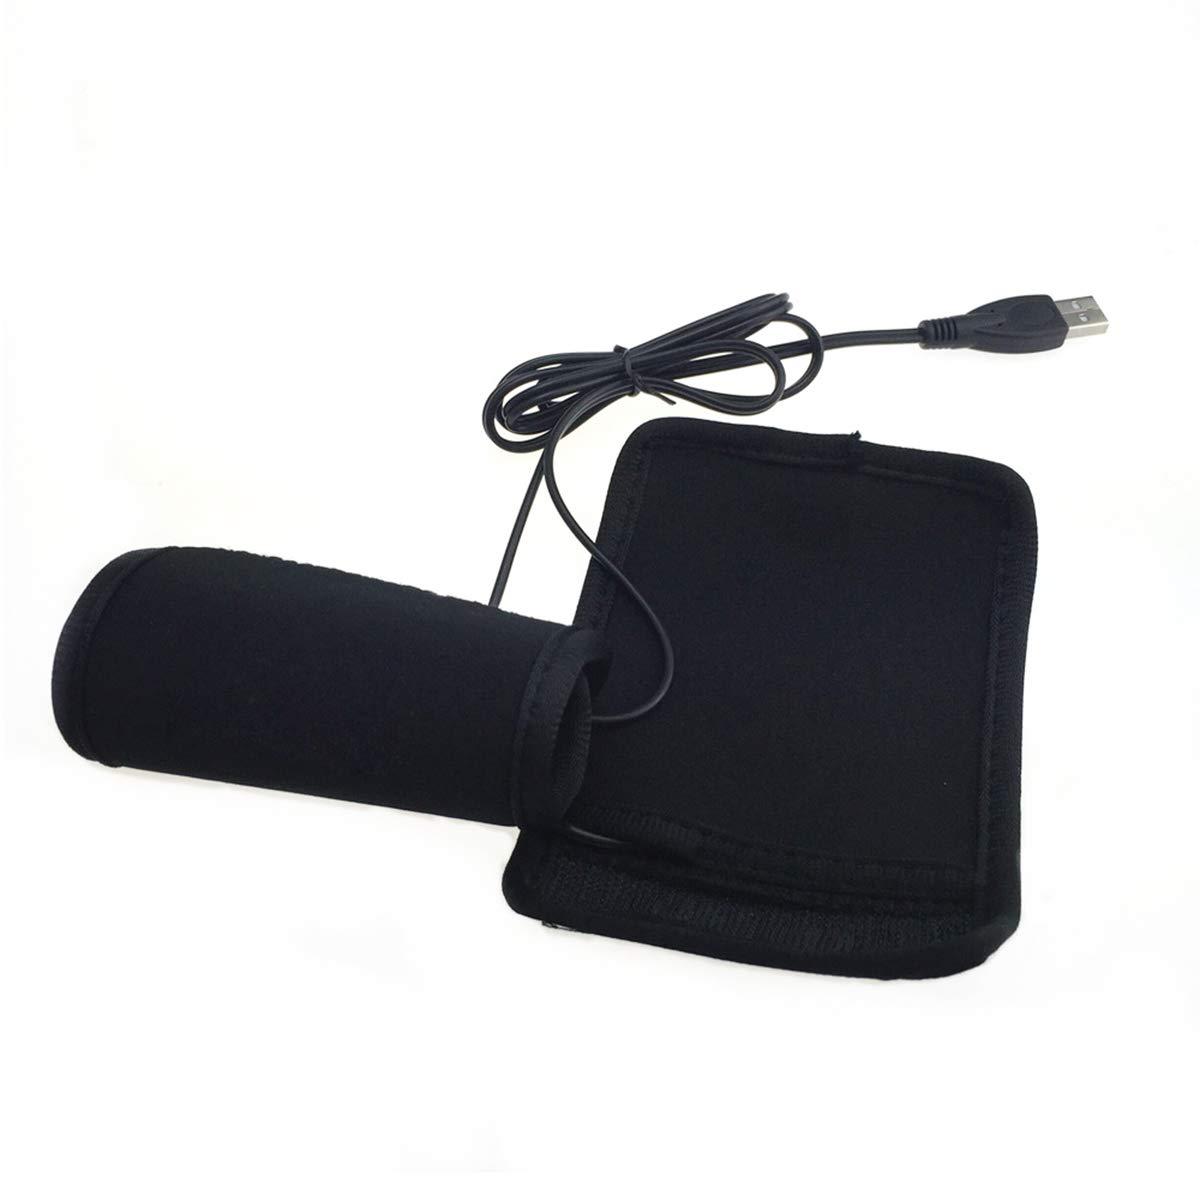 Globalflashdeal Manopole riscaldate USB Maniglia Manopole Scaldamani Estraibili Rimovibili per Moto 2pz